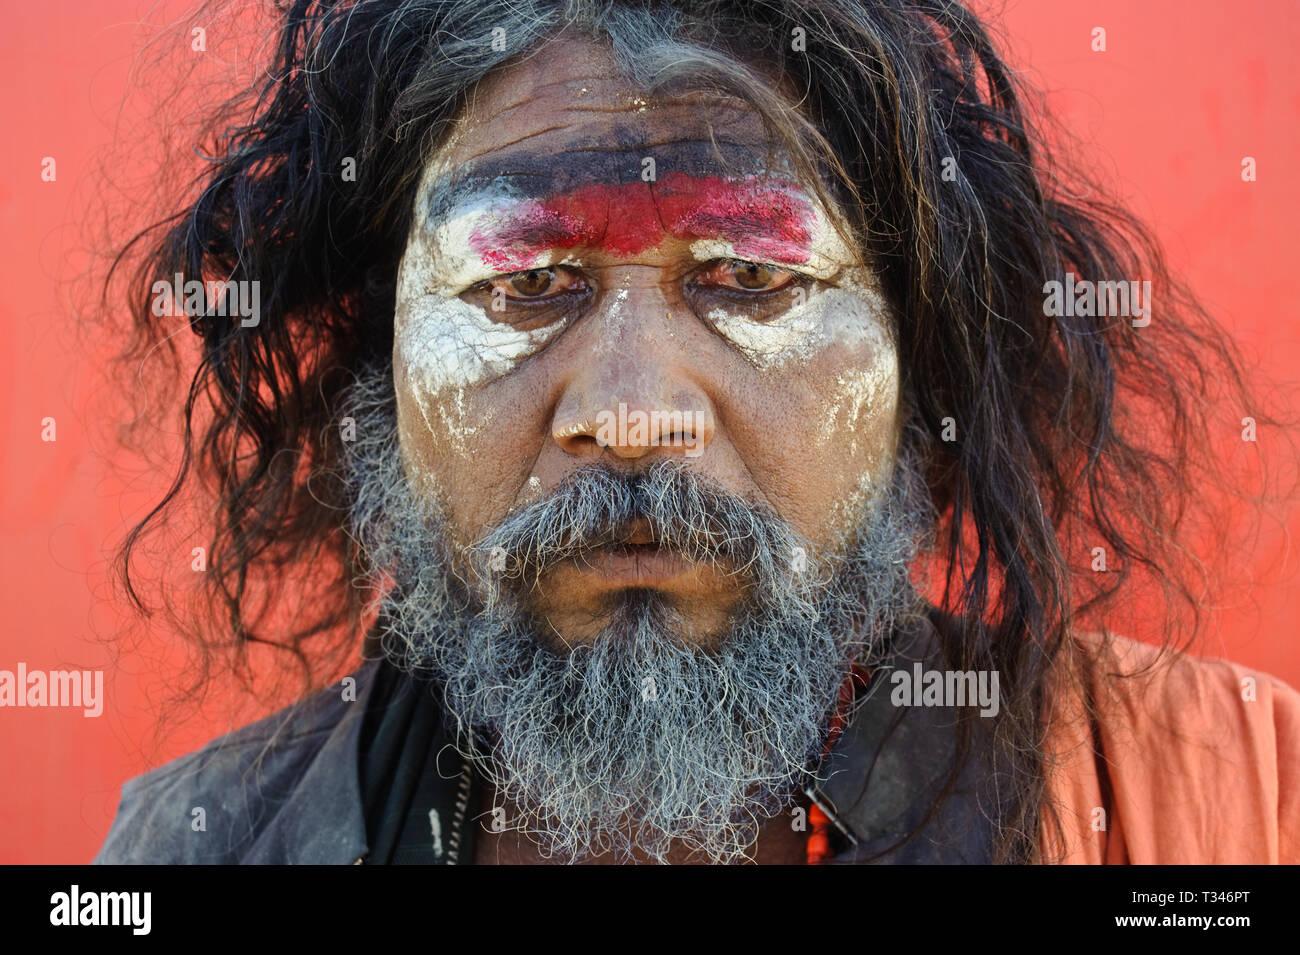 Aghori Stock Photos & Aghori Stock Images - Alamy